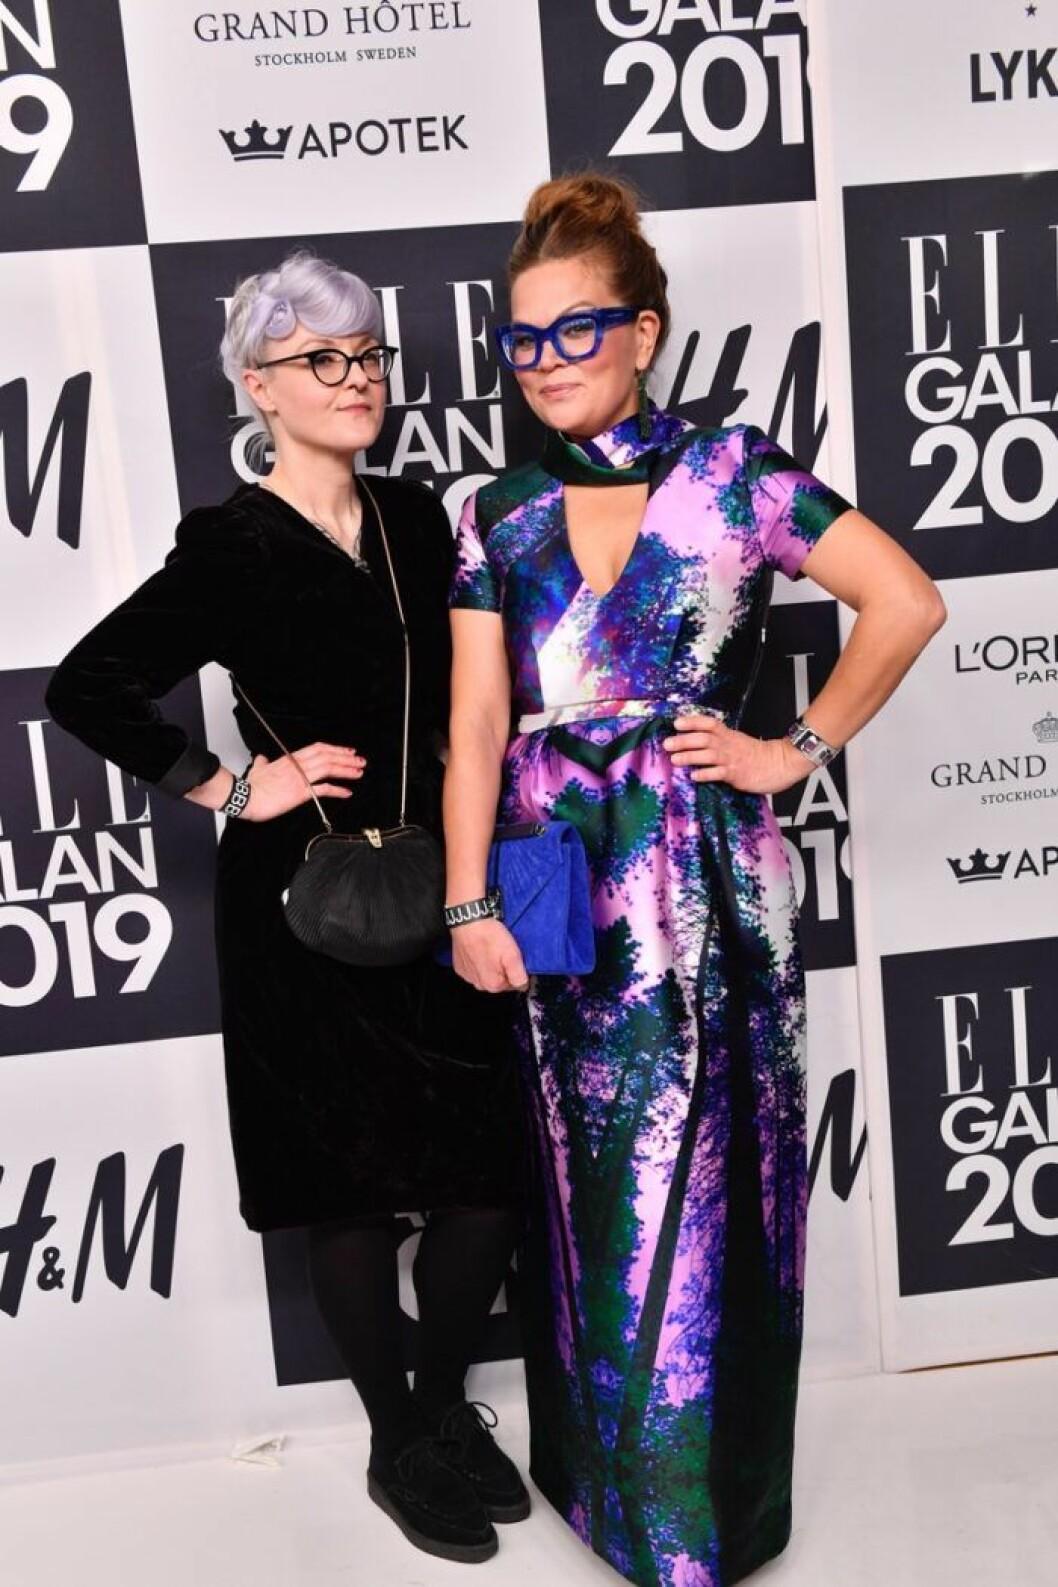 Designern Bea Szenfeld med sällskap